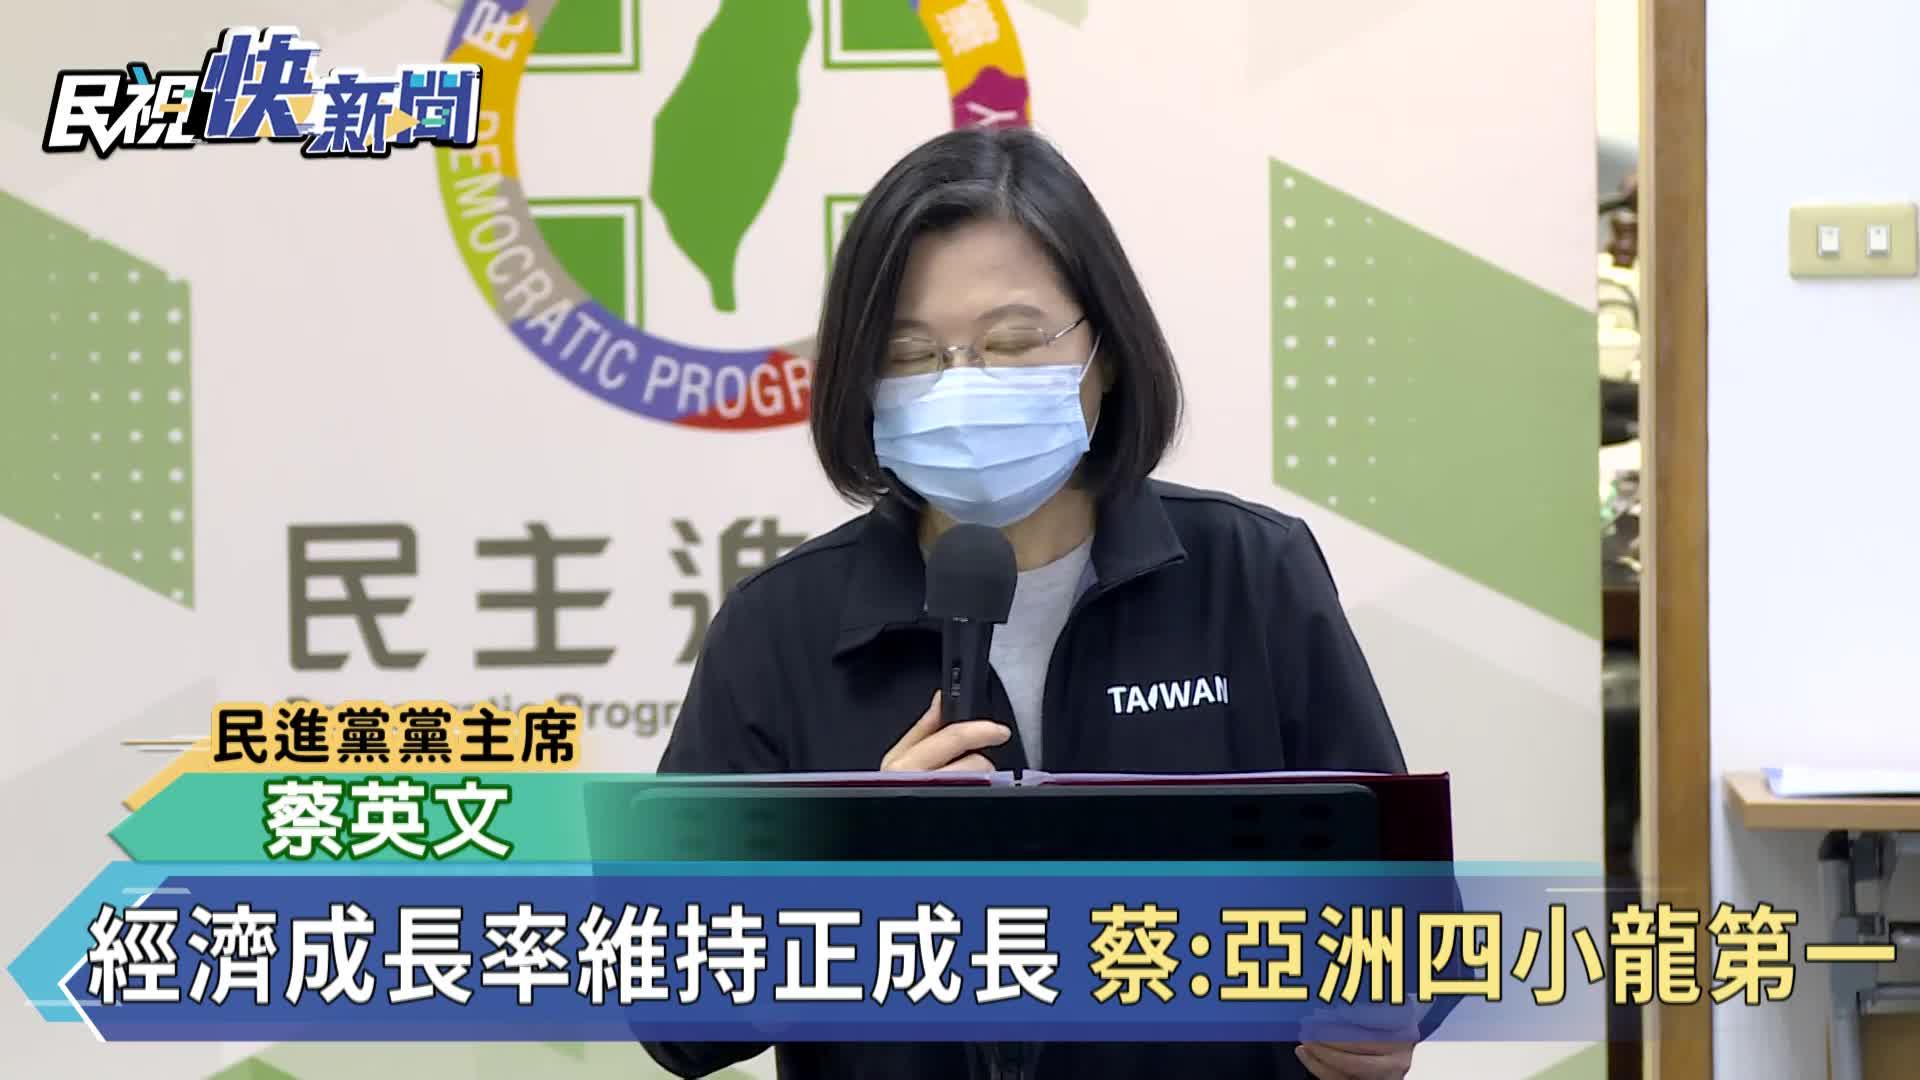 快新聞/蔡英文談話曝台灣3大優良基礎 感謝蘇貞昌團隊努力